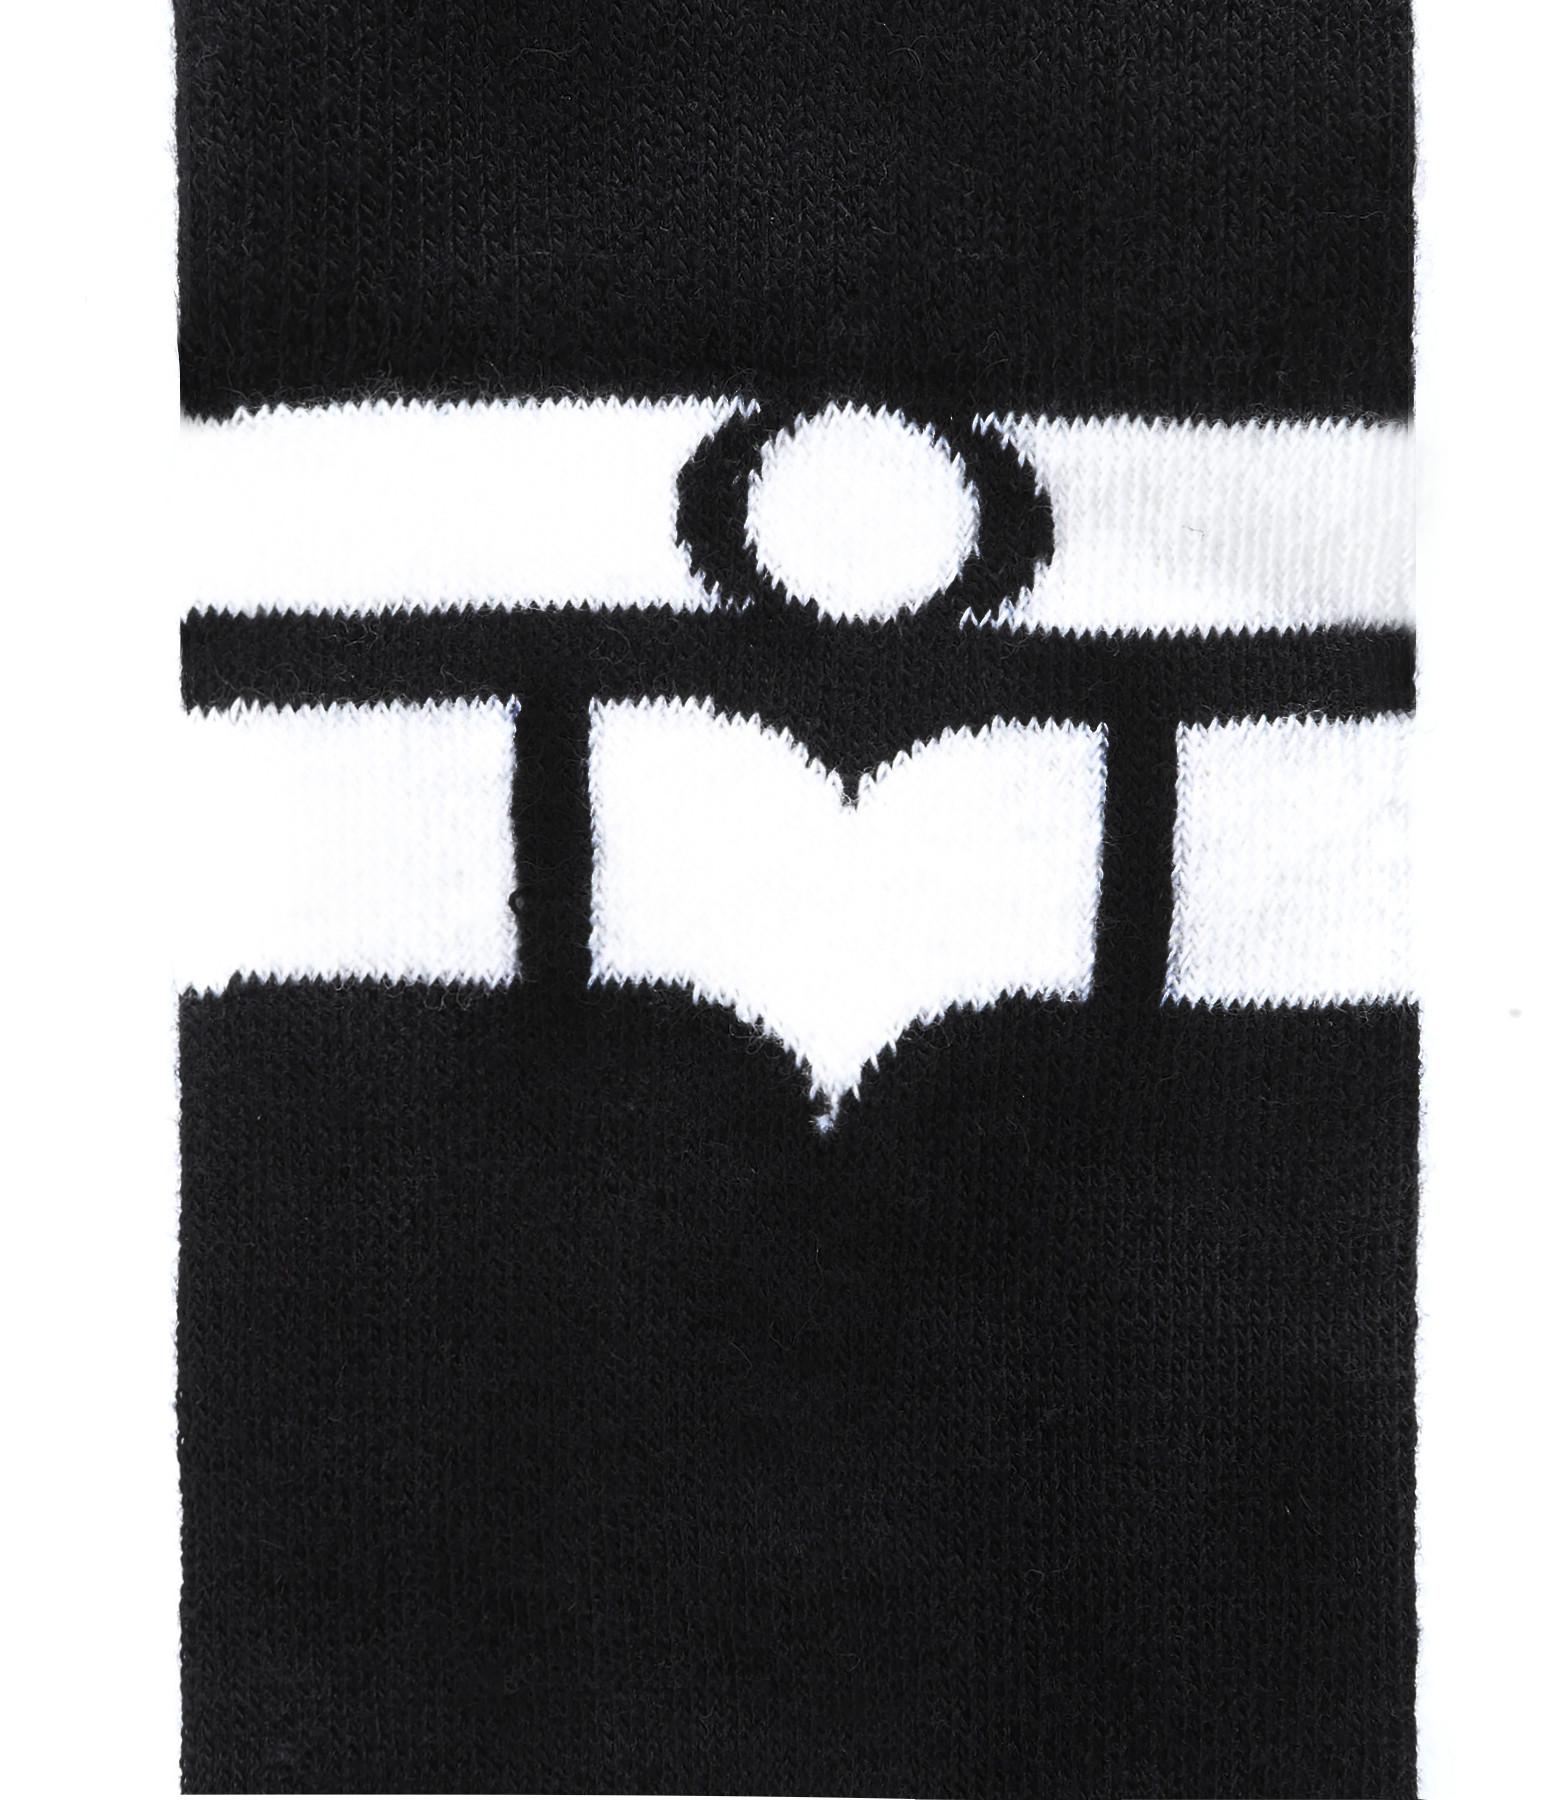 ISABEL MARANT - Chaussettes Vily Coton Noir